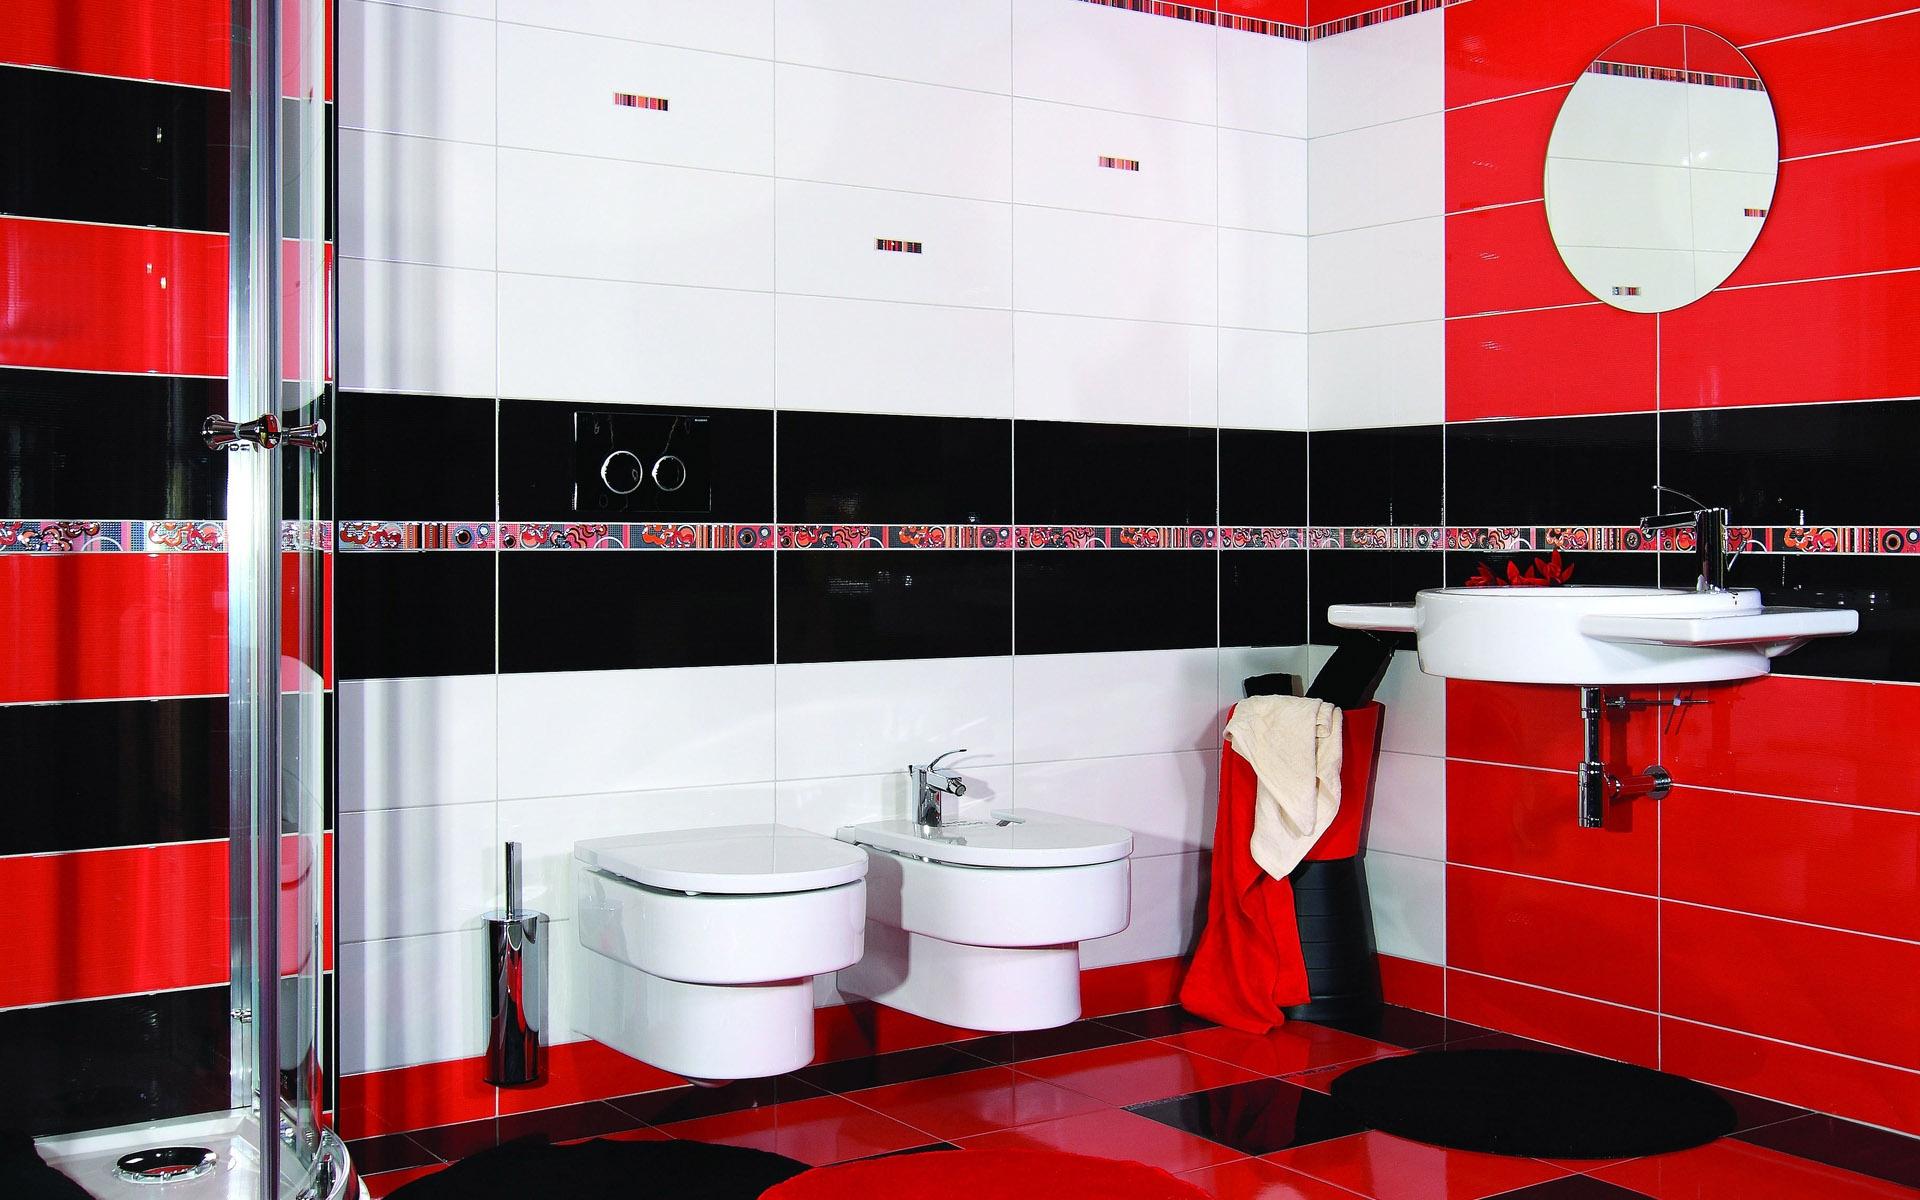 Hintergrundbilder : Zimmer, rot, Innenarchitektur, Badezimmer, Marke ...